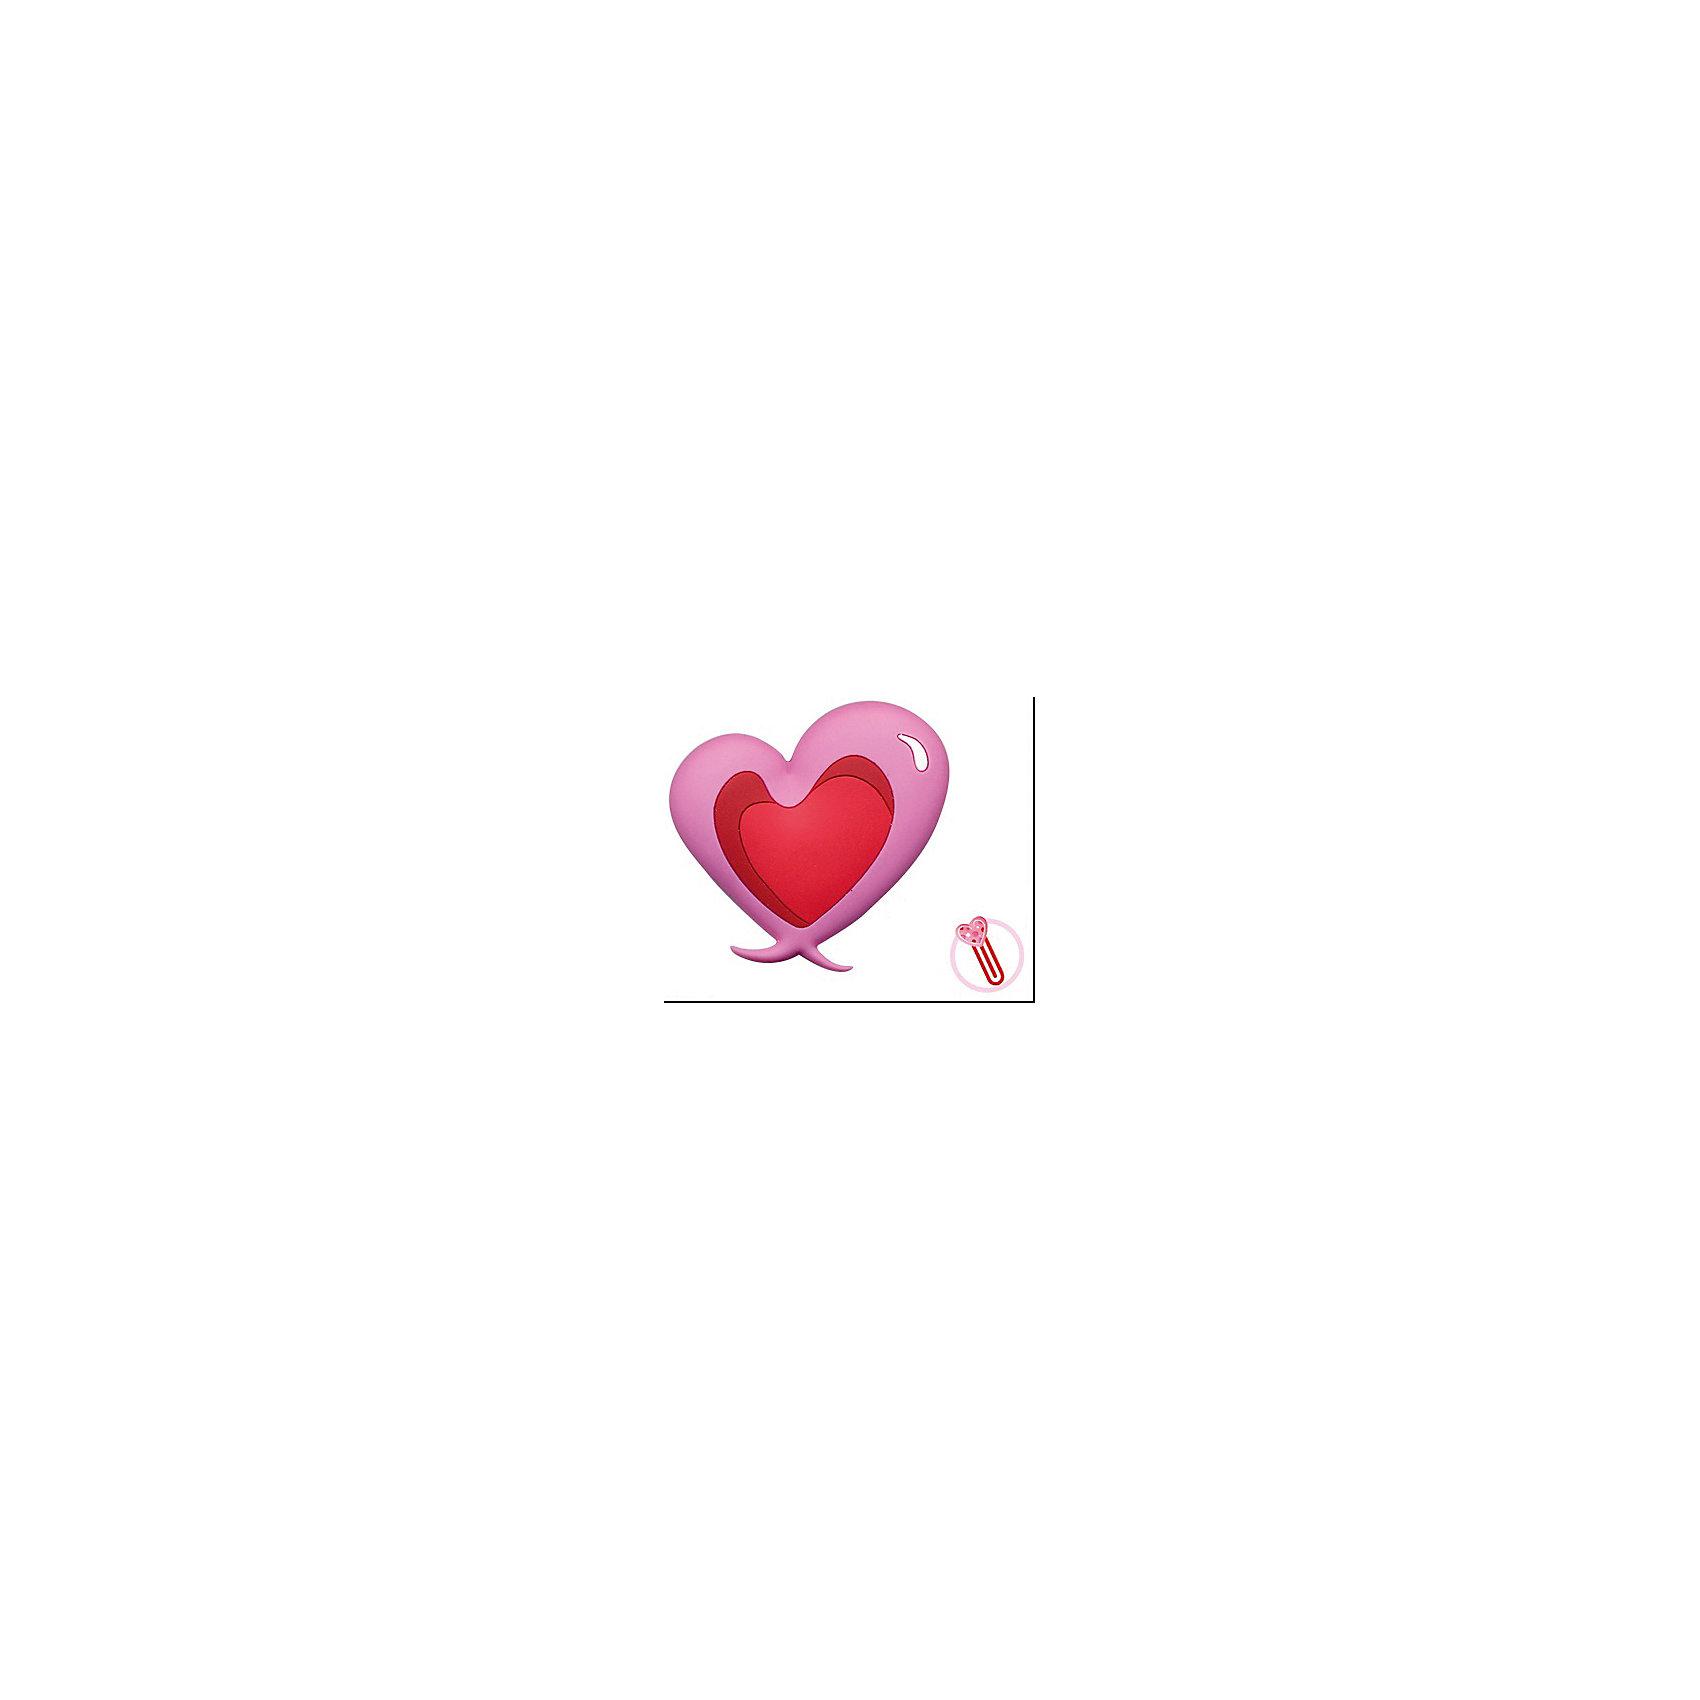 Закладка-сувенир для книг Двухцветное сердцеШкольные аксессуары<br>Закладка-сувенир для книг Двухцветное сердце станет приятным и романтичным аксессуаром на день всех влюбленных или еще одним поводом порадовать близкого человека. Сувенир выполнен в виде двухцветного красно-розового сердечка со стержнем-закладкой.<br><br>Дополнительная информация:<br><br>- Материал: ПВХ.<br>- Размер сувенира: 13 см.<br><br>Закладку-сувенир для книг Двухцветное сердце, Премьер-игрушка, можно купить в нашем интернет-магазине.<br><br>Ширина мм: 130<br>Глубина мм: 5<br>Высота мм: 20<br>Вес г: 6<br>Возраст от месяцев: 72<br>Возраст до месяцев: 2147483647<br>Пол: Унисекс<br>Возраст: Детский<br>SKU: 4512289